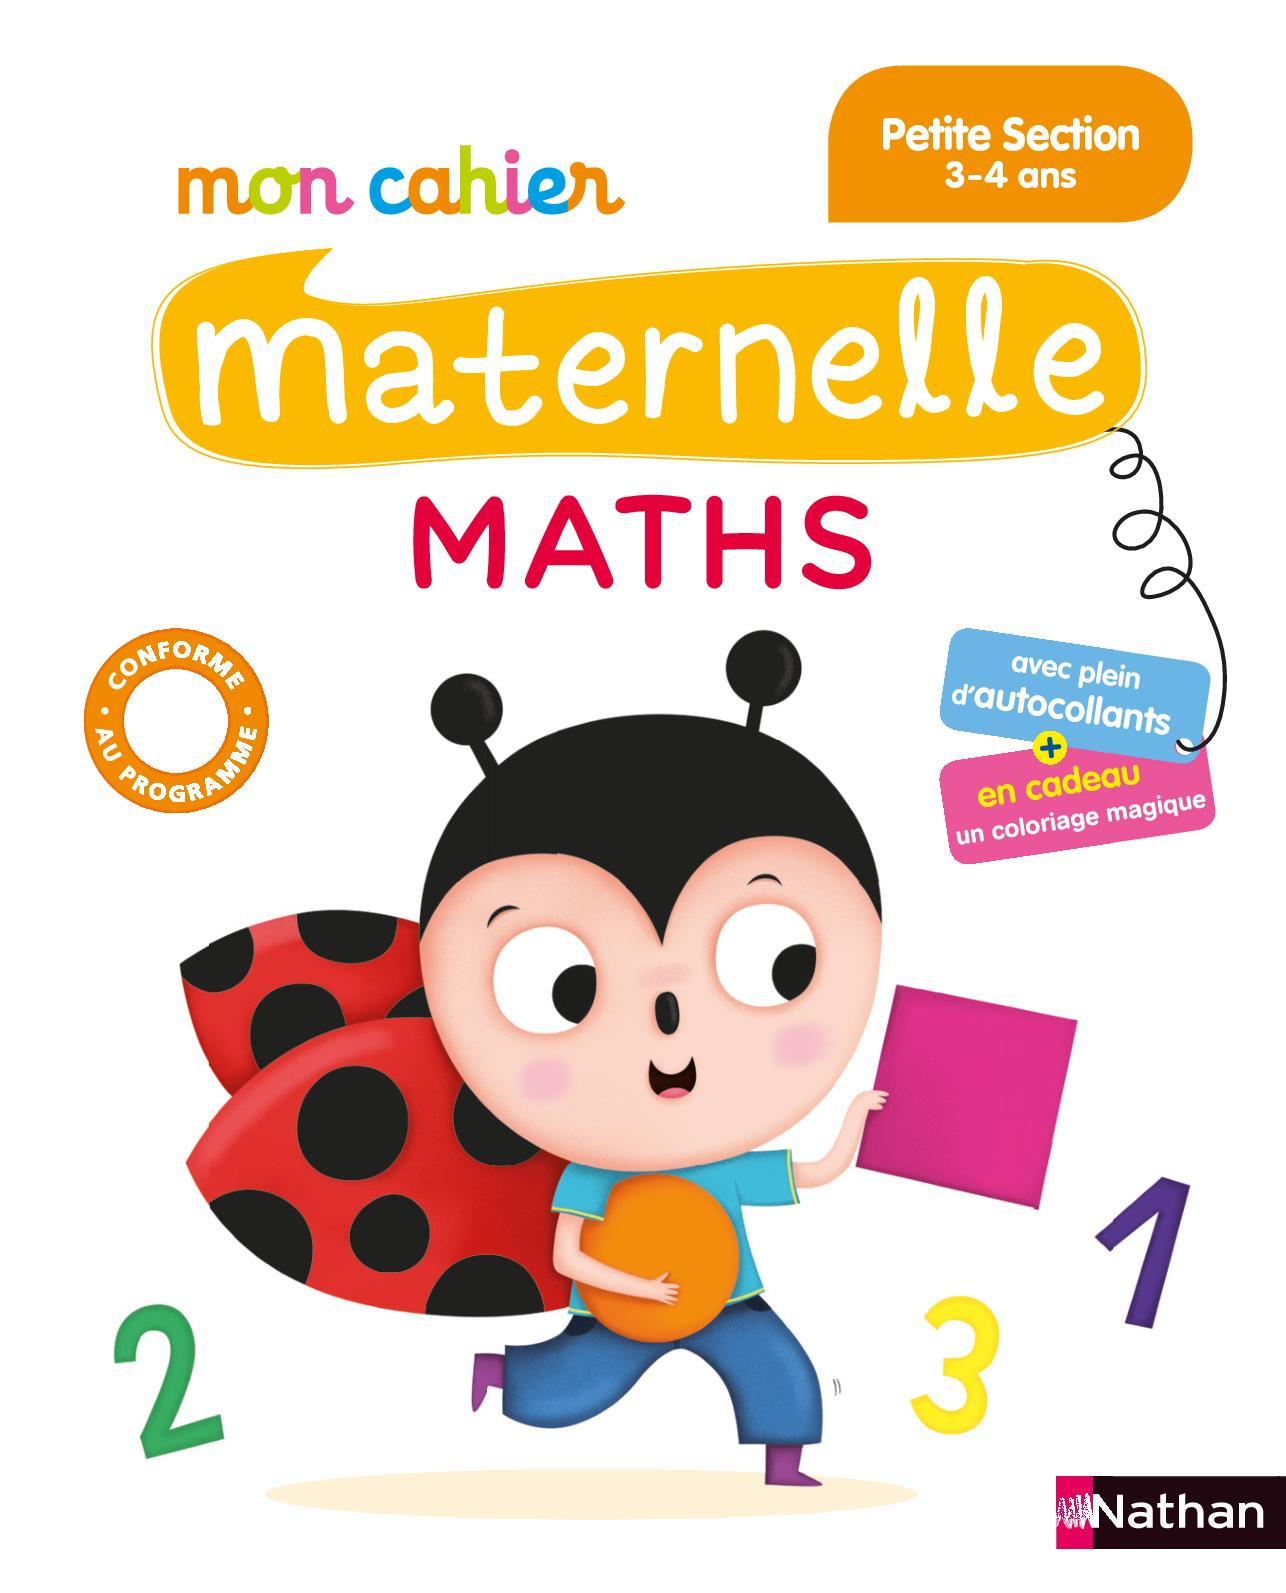 Calaméo - Mon Cahier Maternelle Maths - Petite Section - Extrait intérieur Coloriage Magique 4 Ans